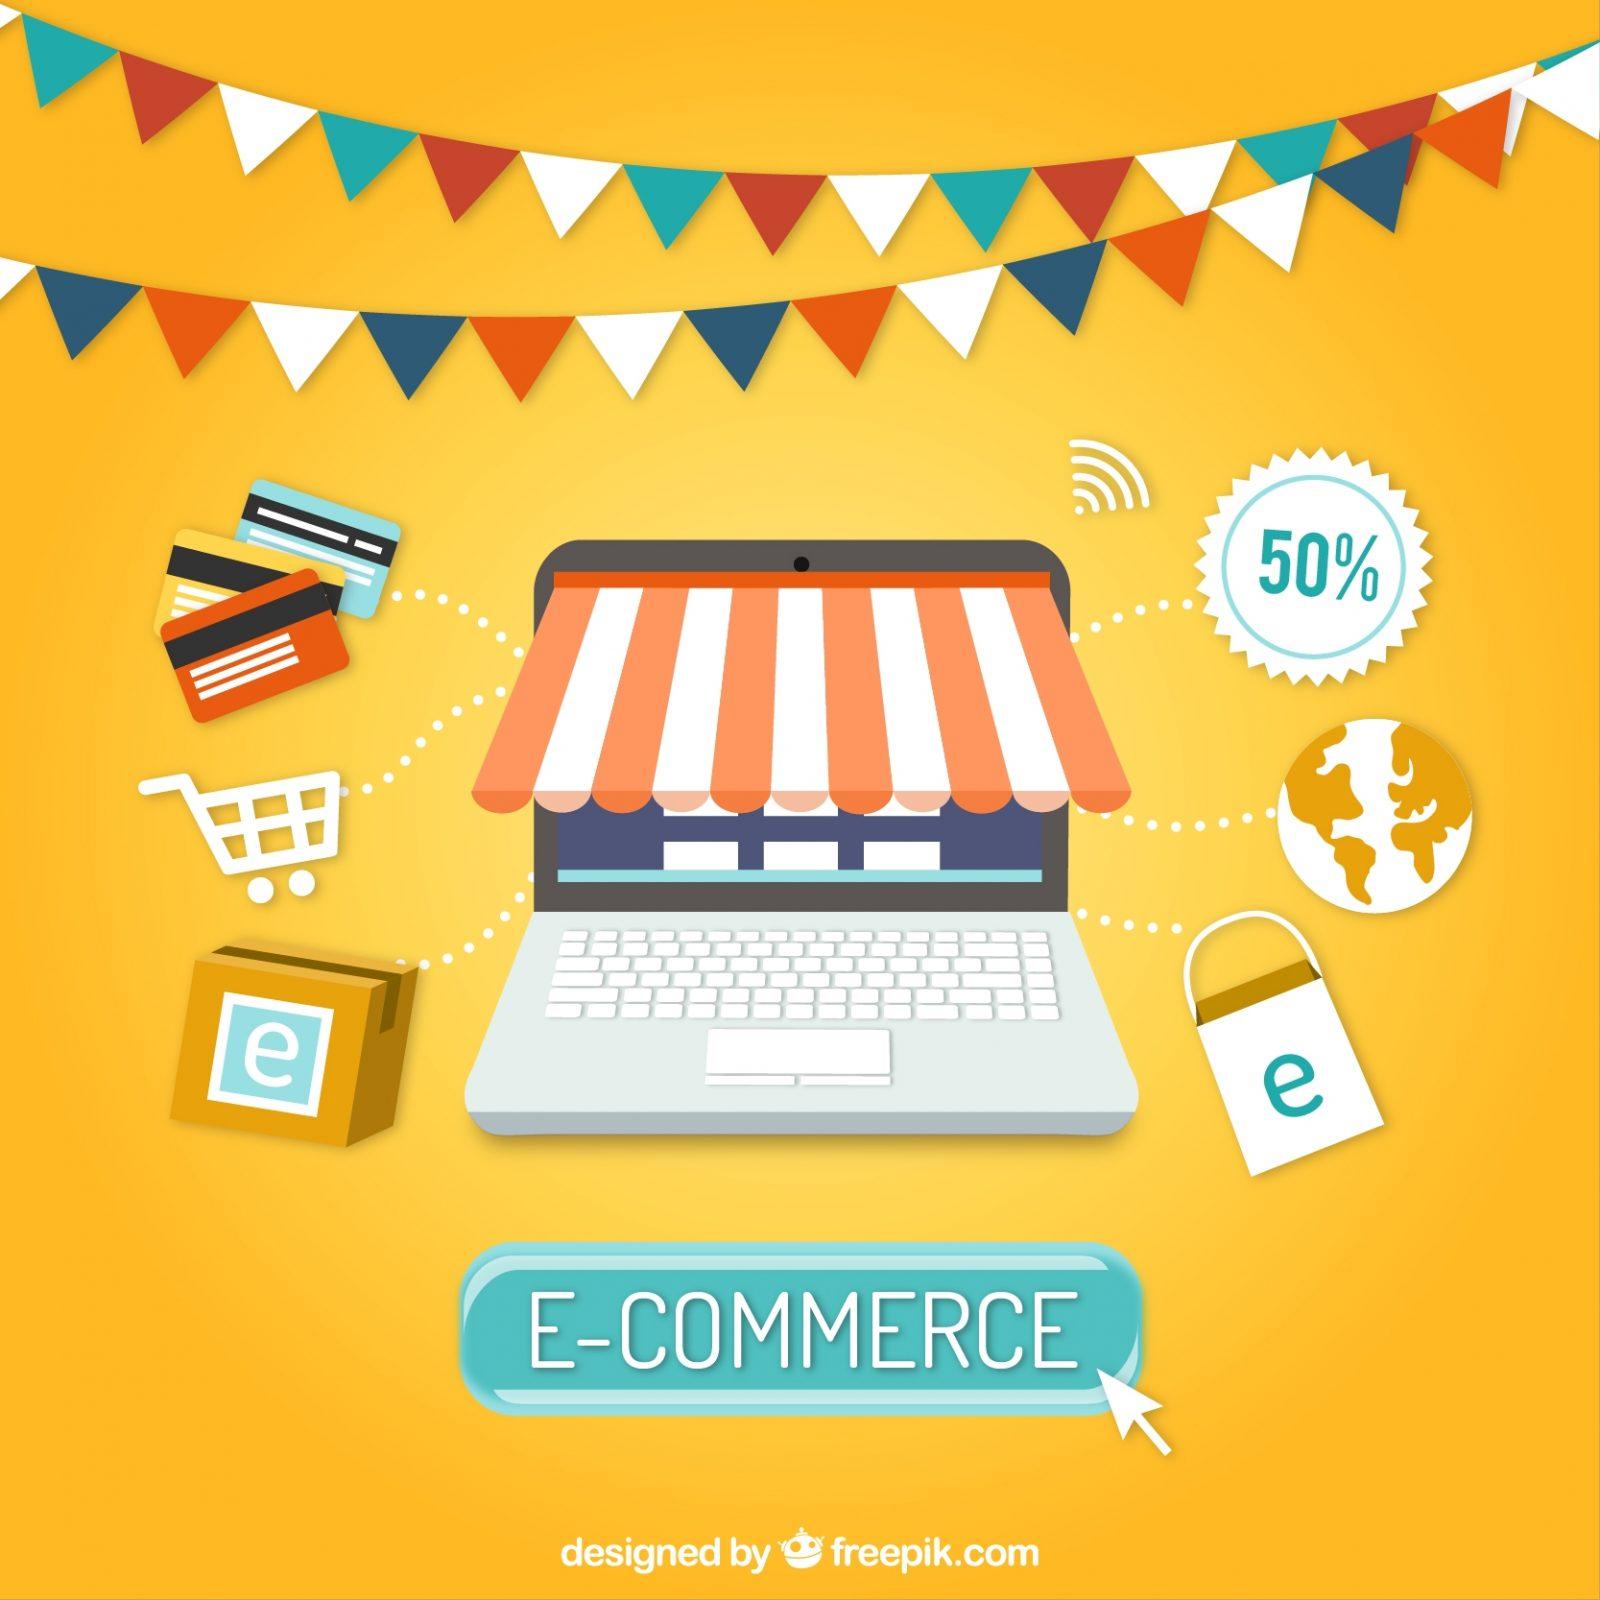 herramientas-e-commerce